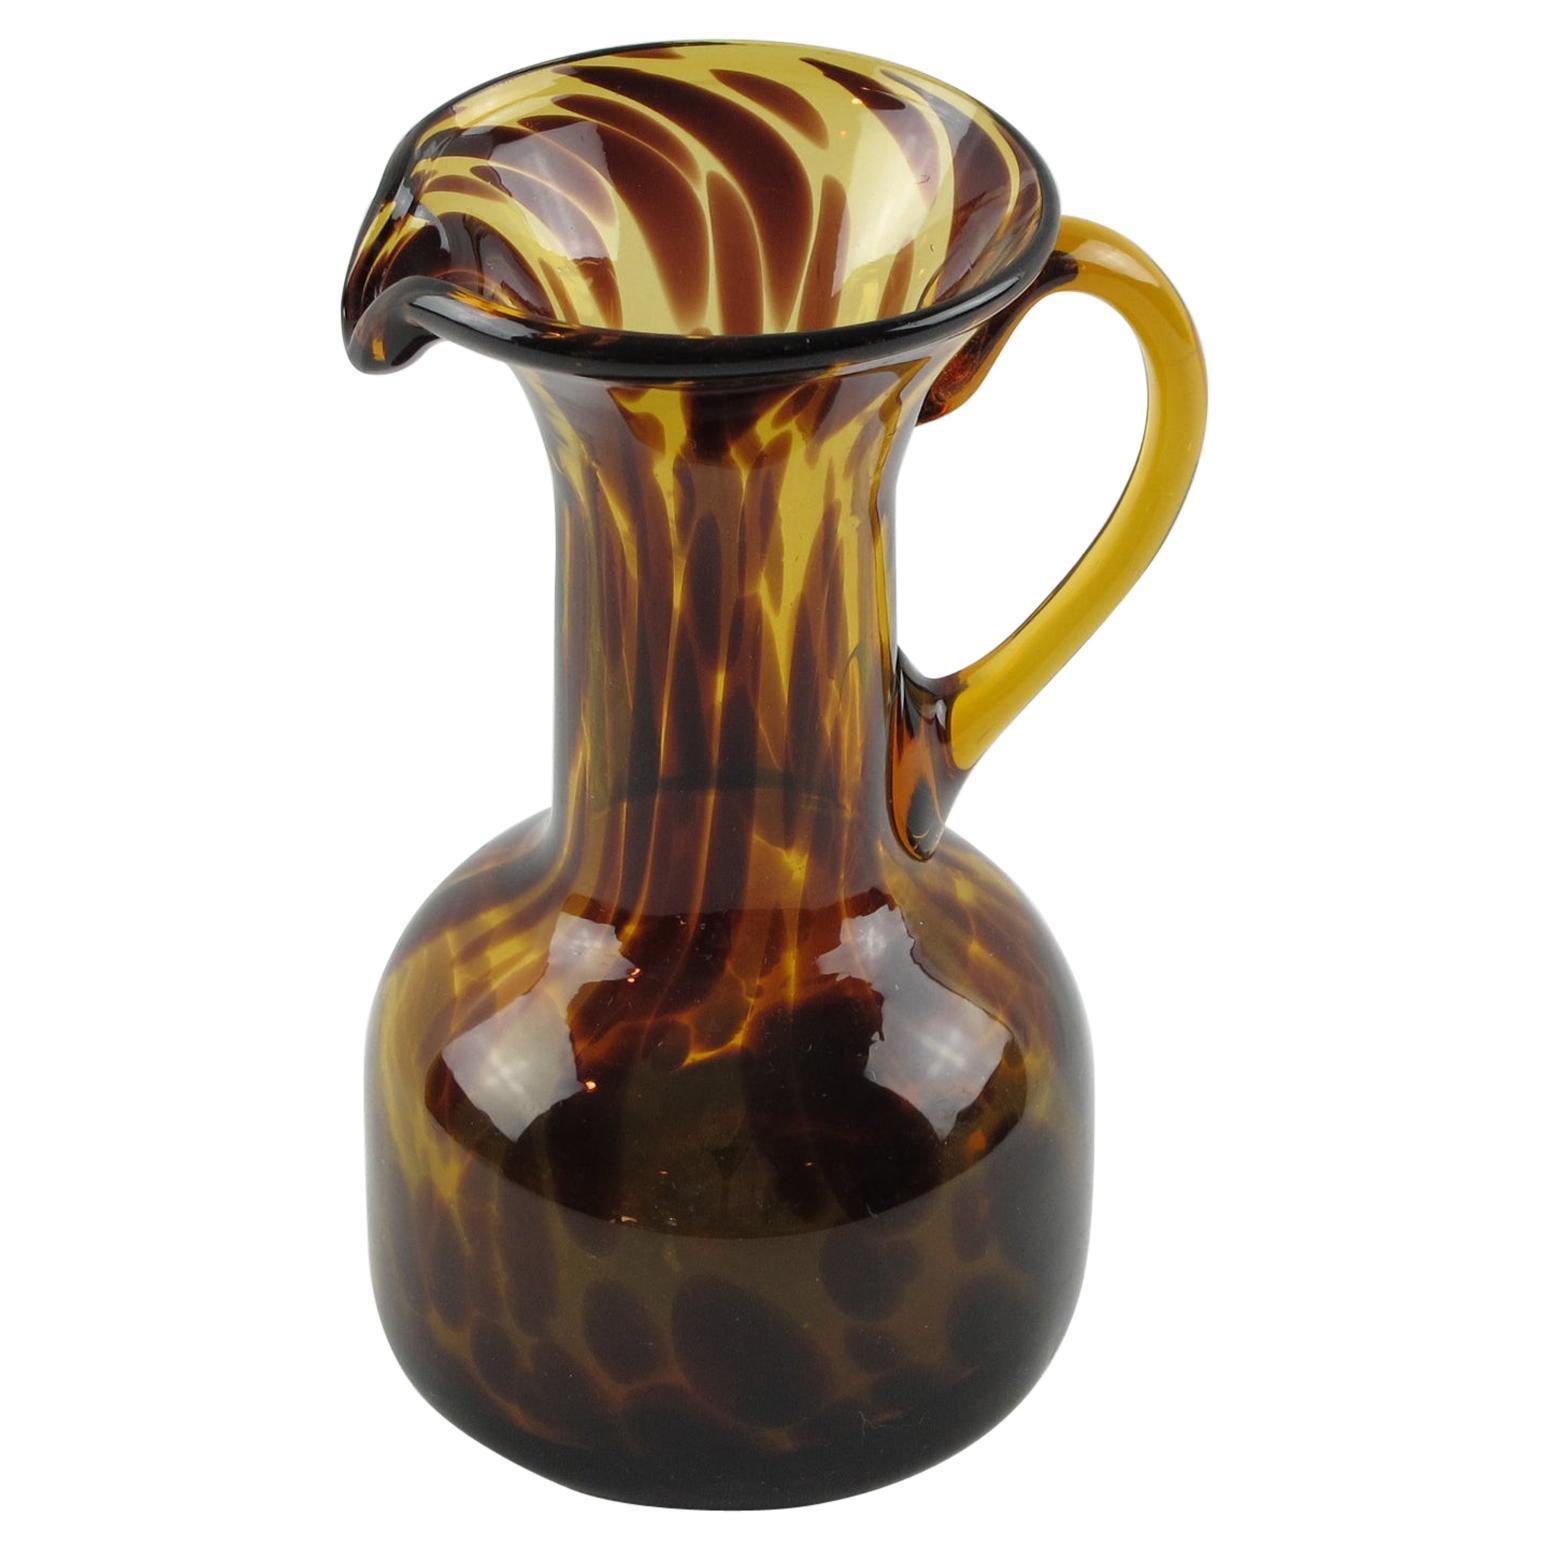 Christian Dior Tortoiseshell Glass Barware Pitcher